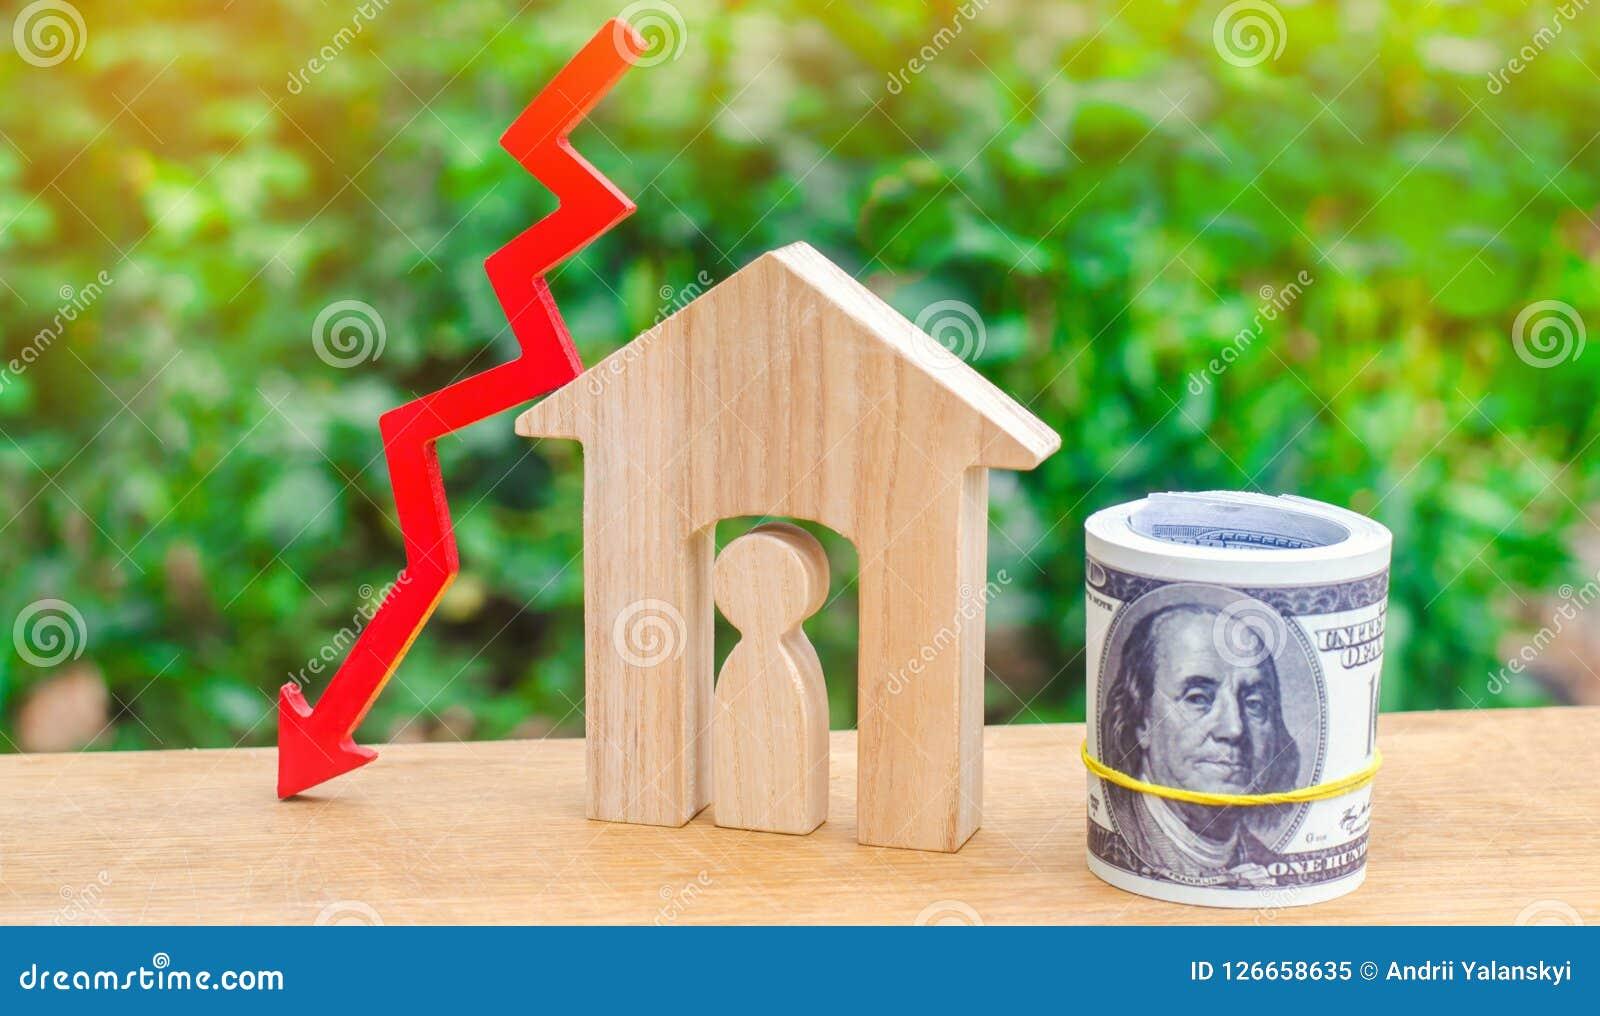 在物产价格的一种衰落 人口衰落 在抵押的下跌的兴趣 减少受欢迎为housin购买